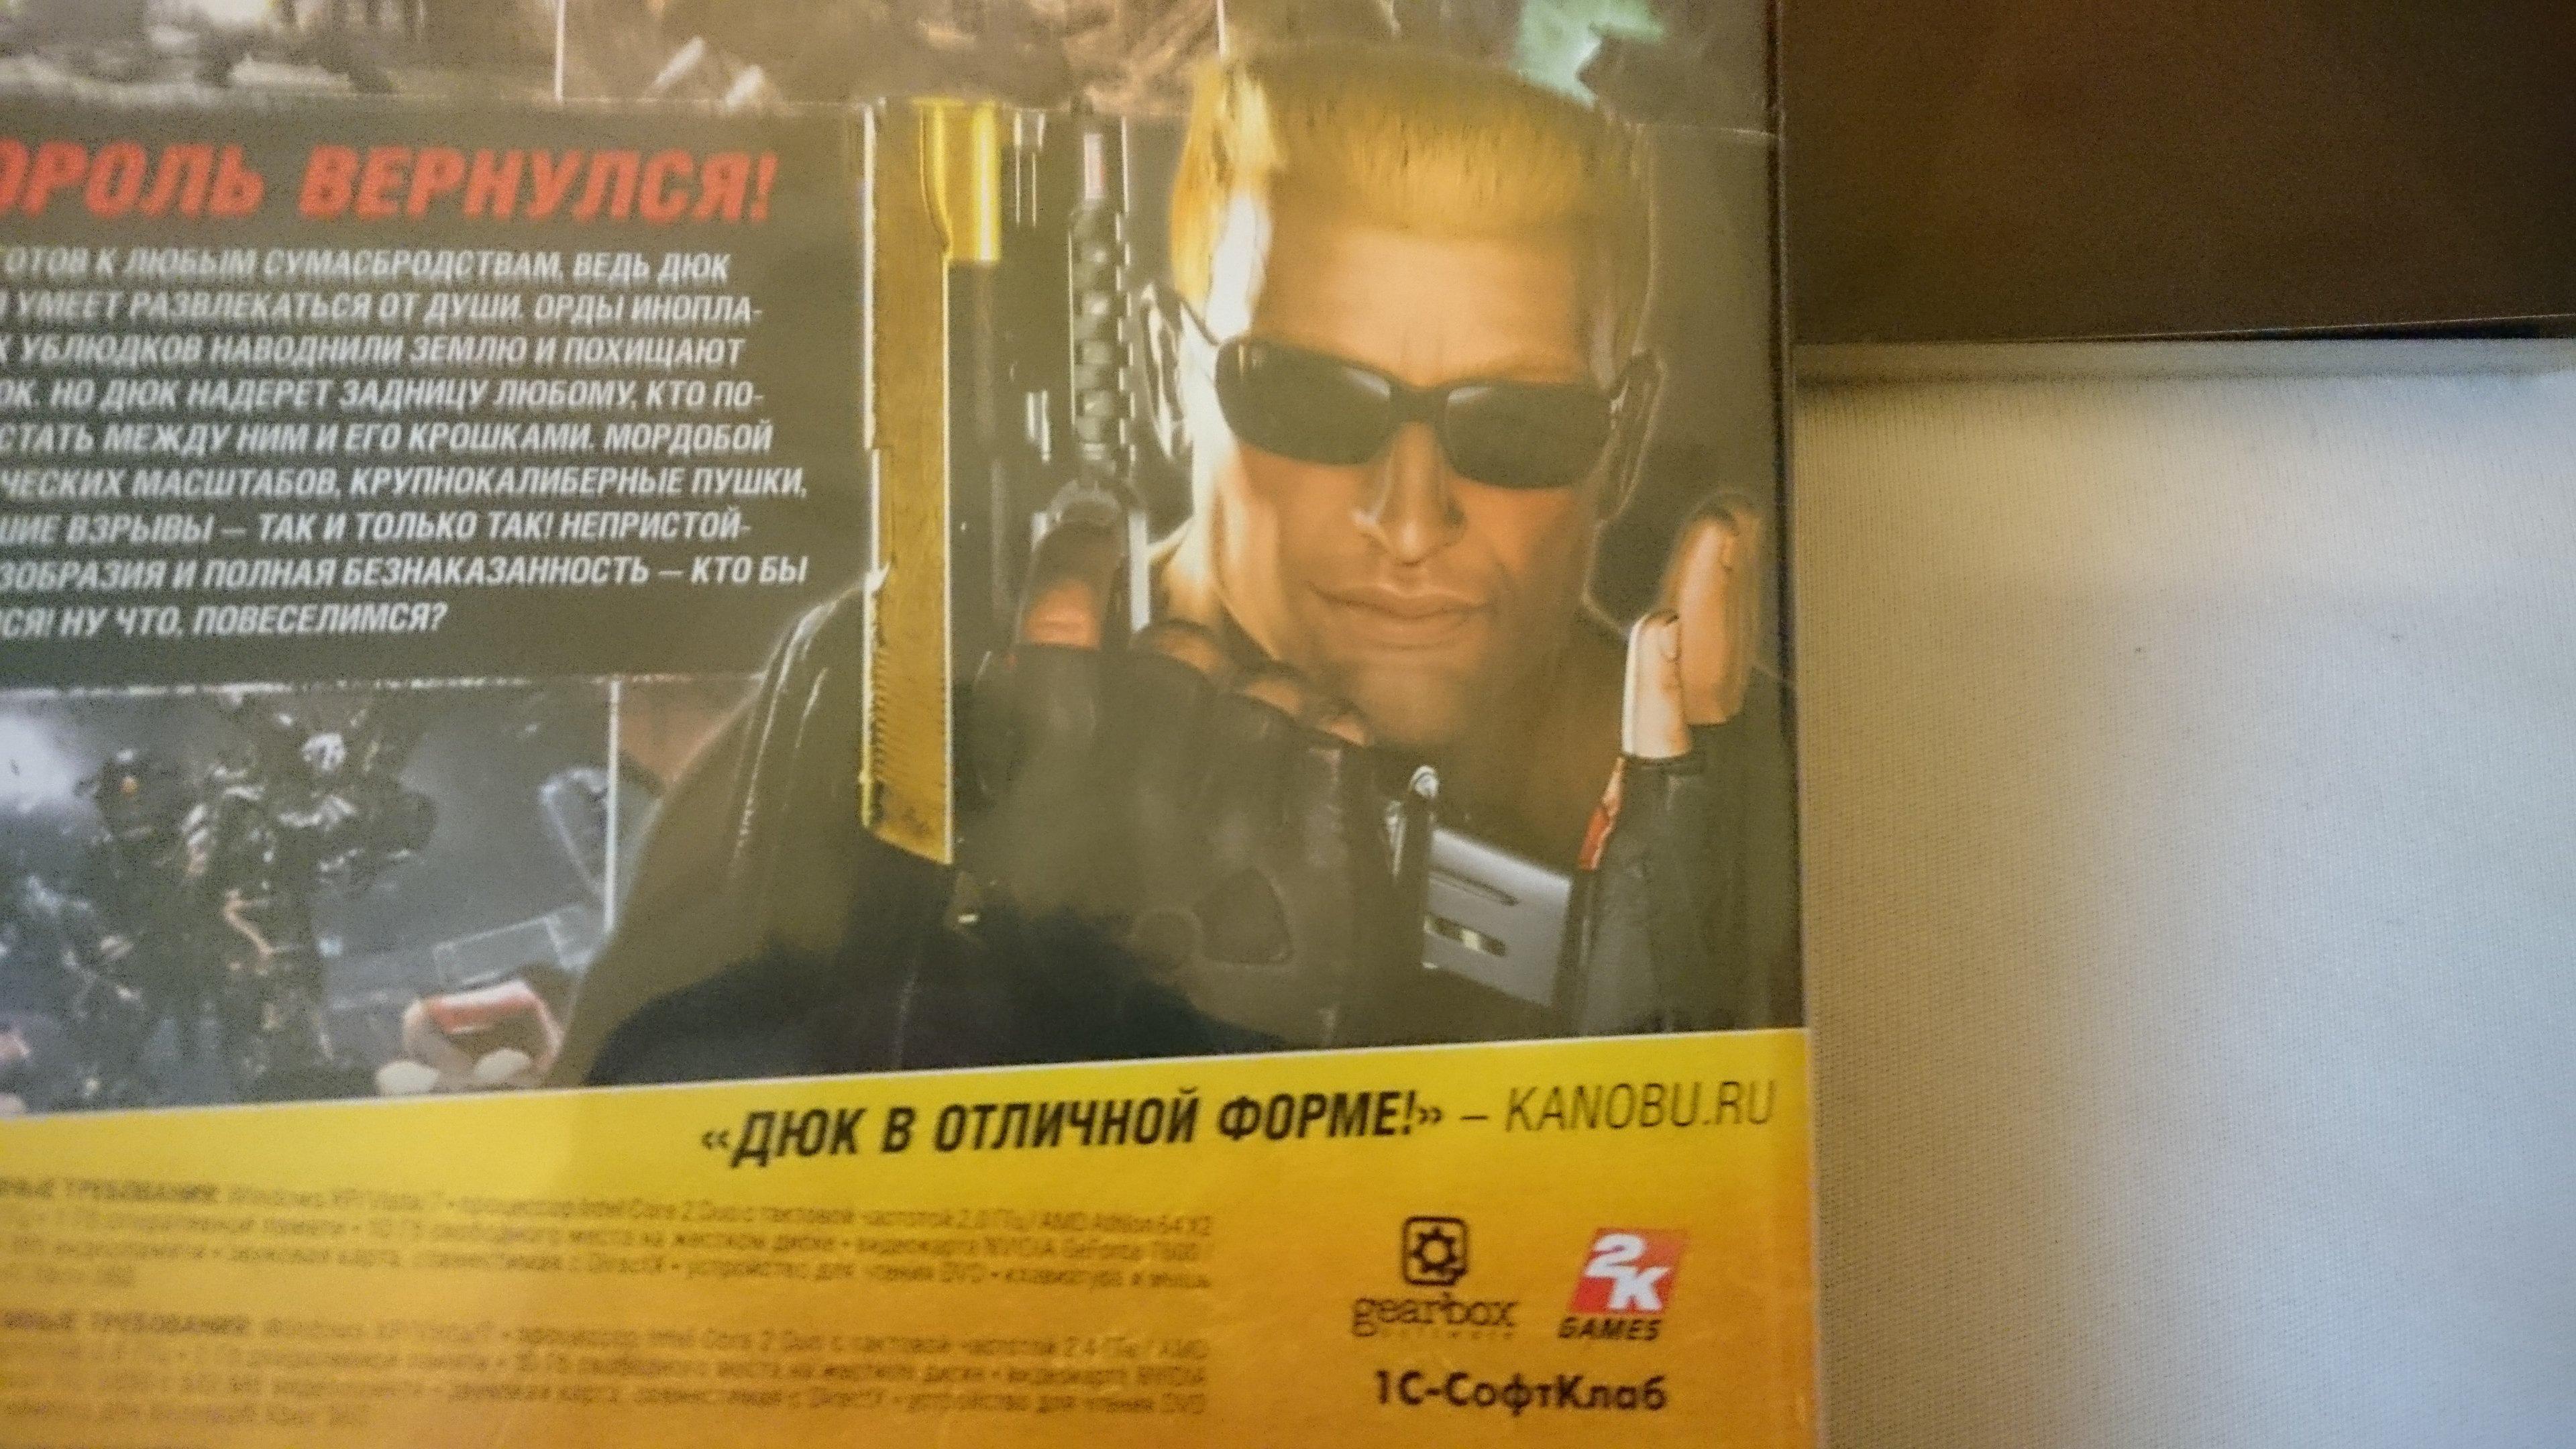 """""""ДЮК В ОТЛИЧНОЙ ФОРМЕ!"""" - KANOBU.RU - Изображение 3"""